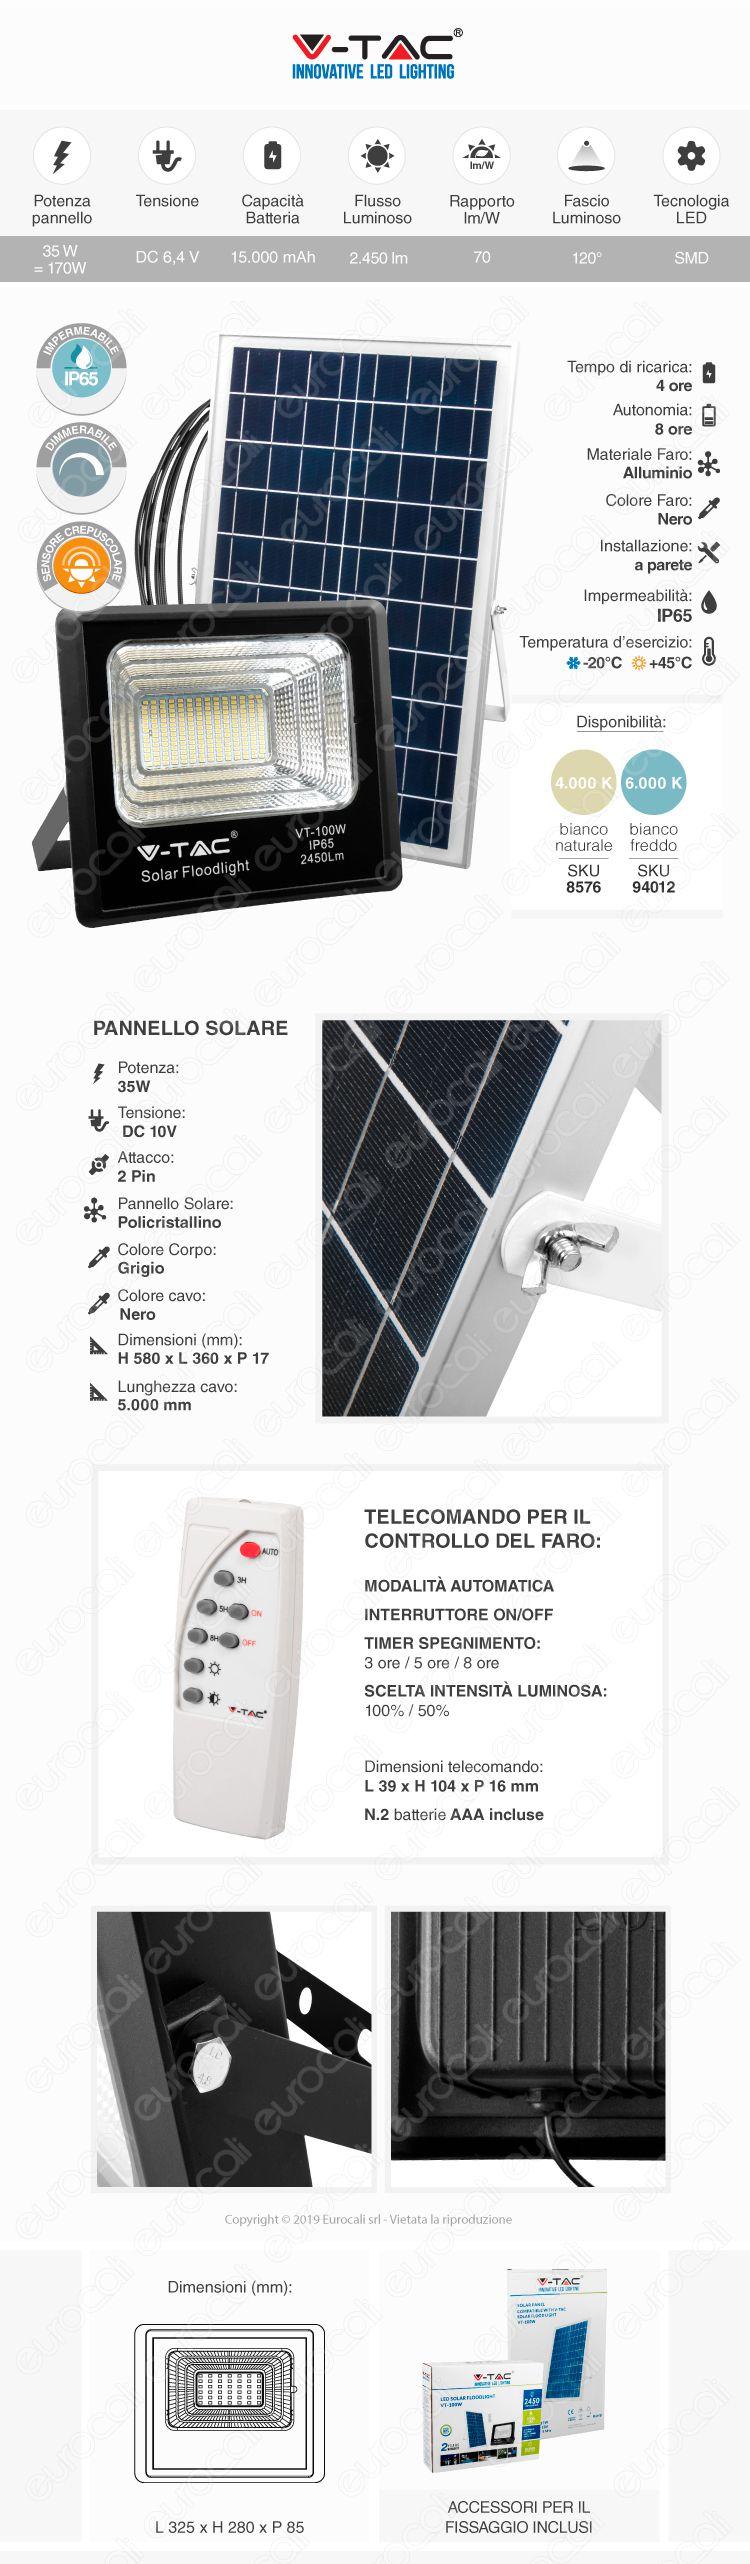 V-Tac VT-100W Faro LED 100W a Batteria con Pannello Solare e Telecomando